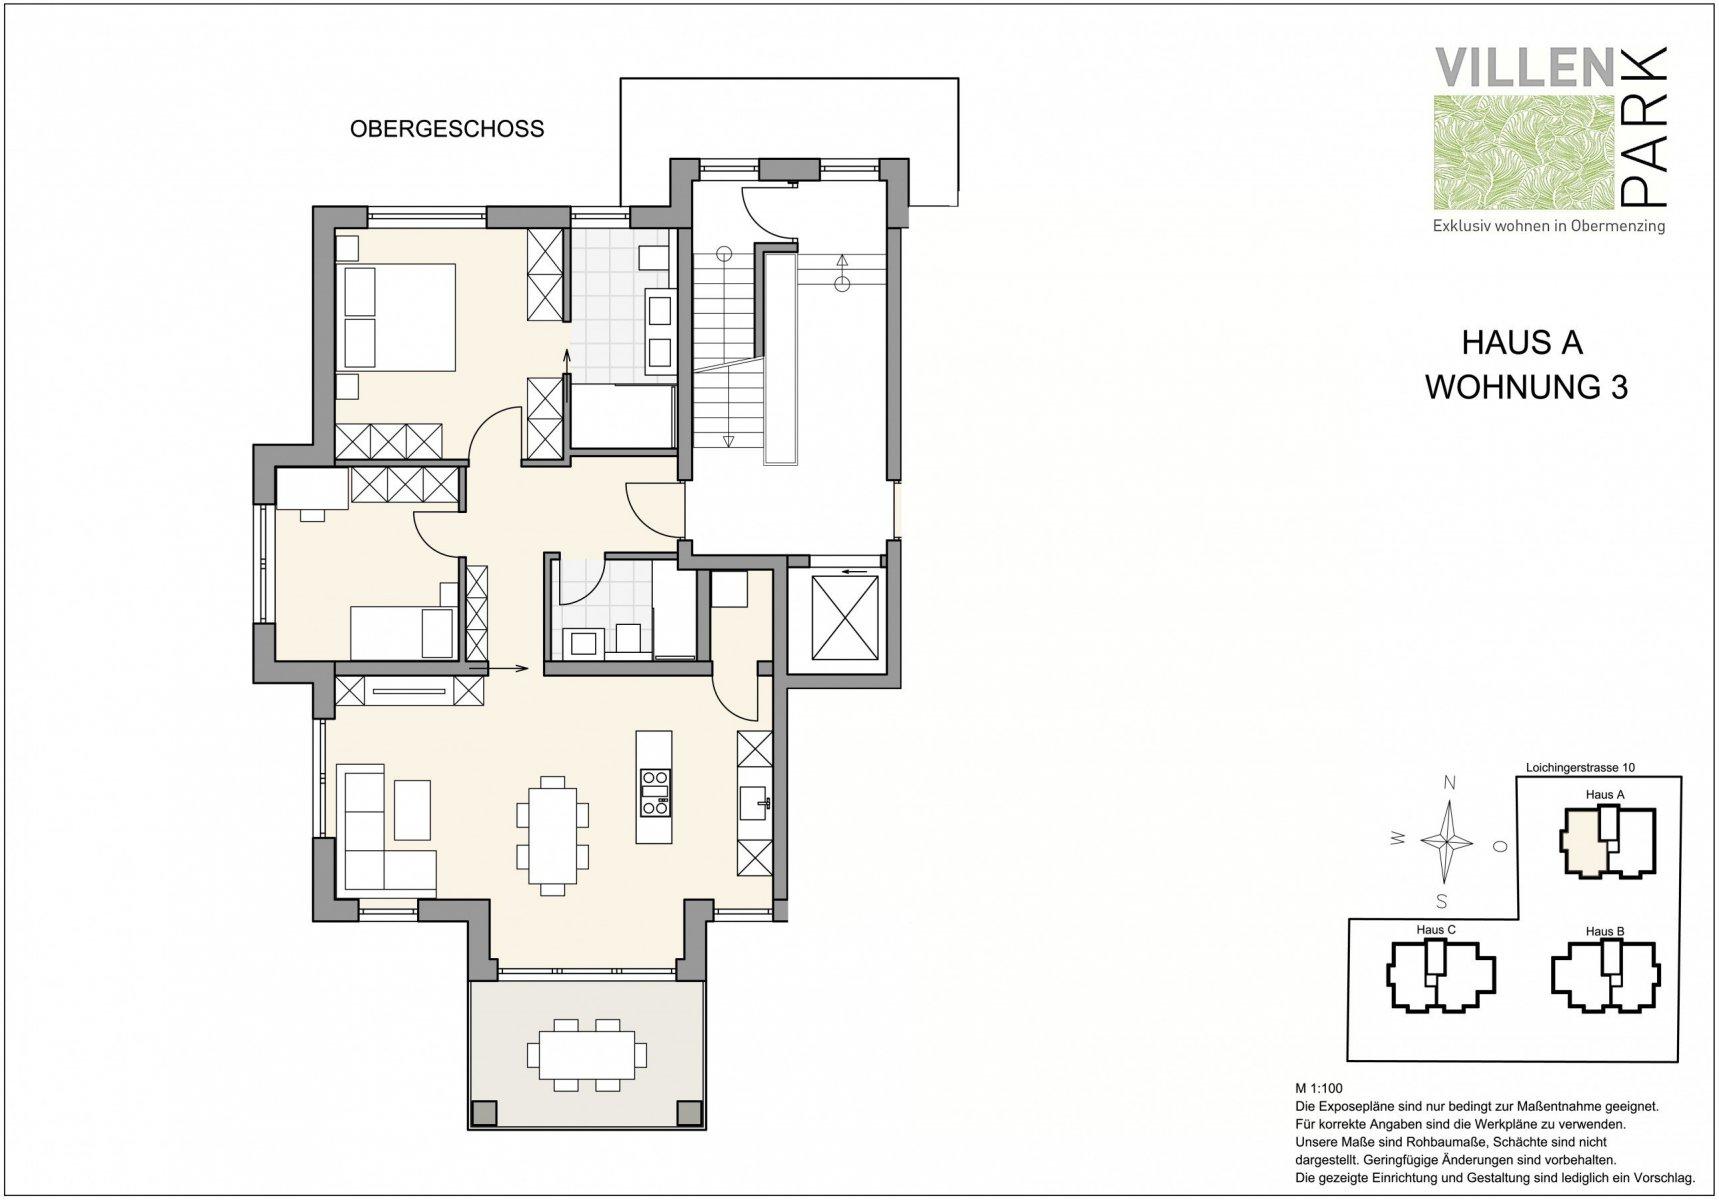 HausAwohnung3_04_03_Wohnung_Obergeschoss-Balkon_SW